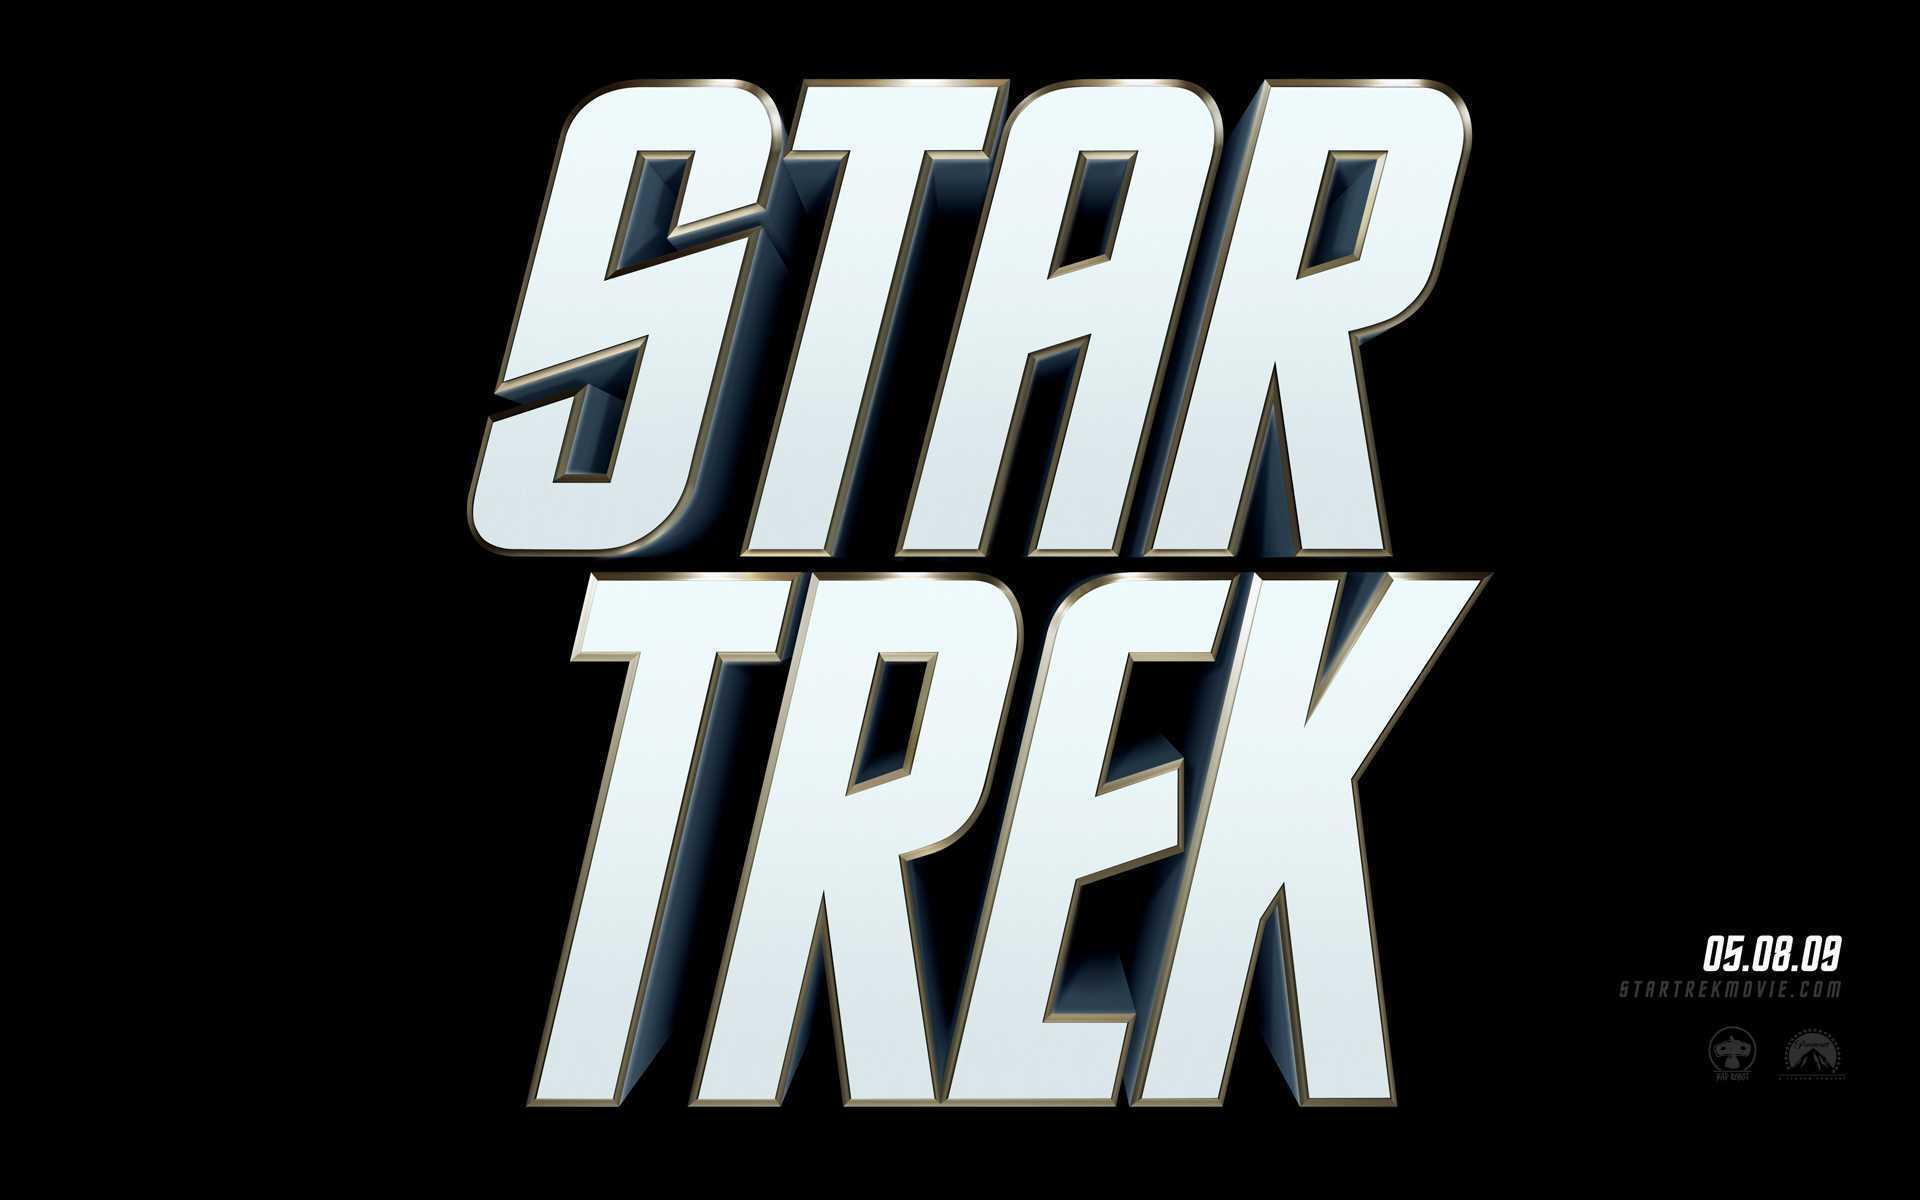 星, 星级 Trek